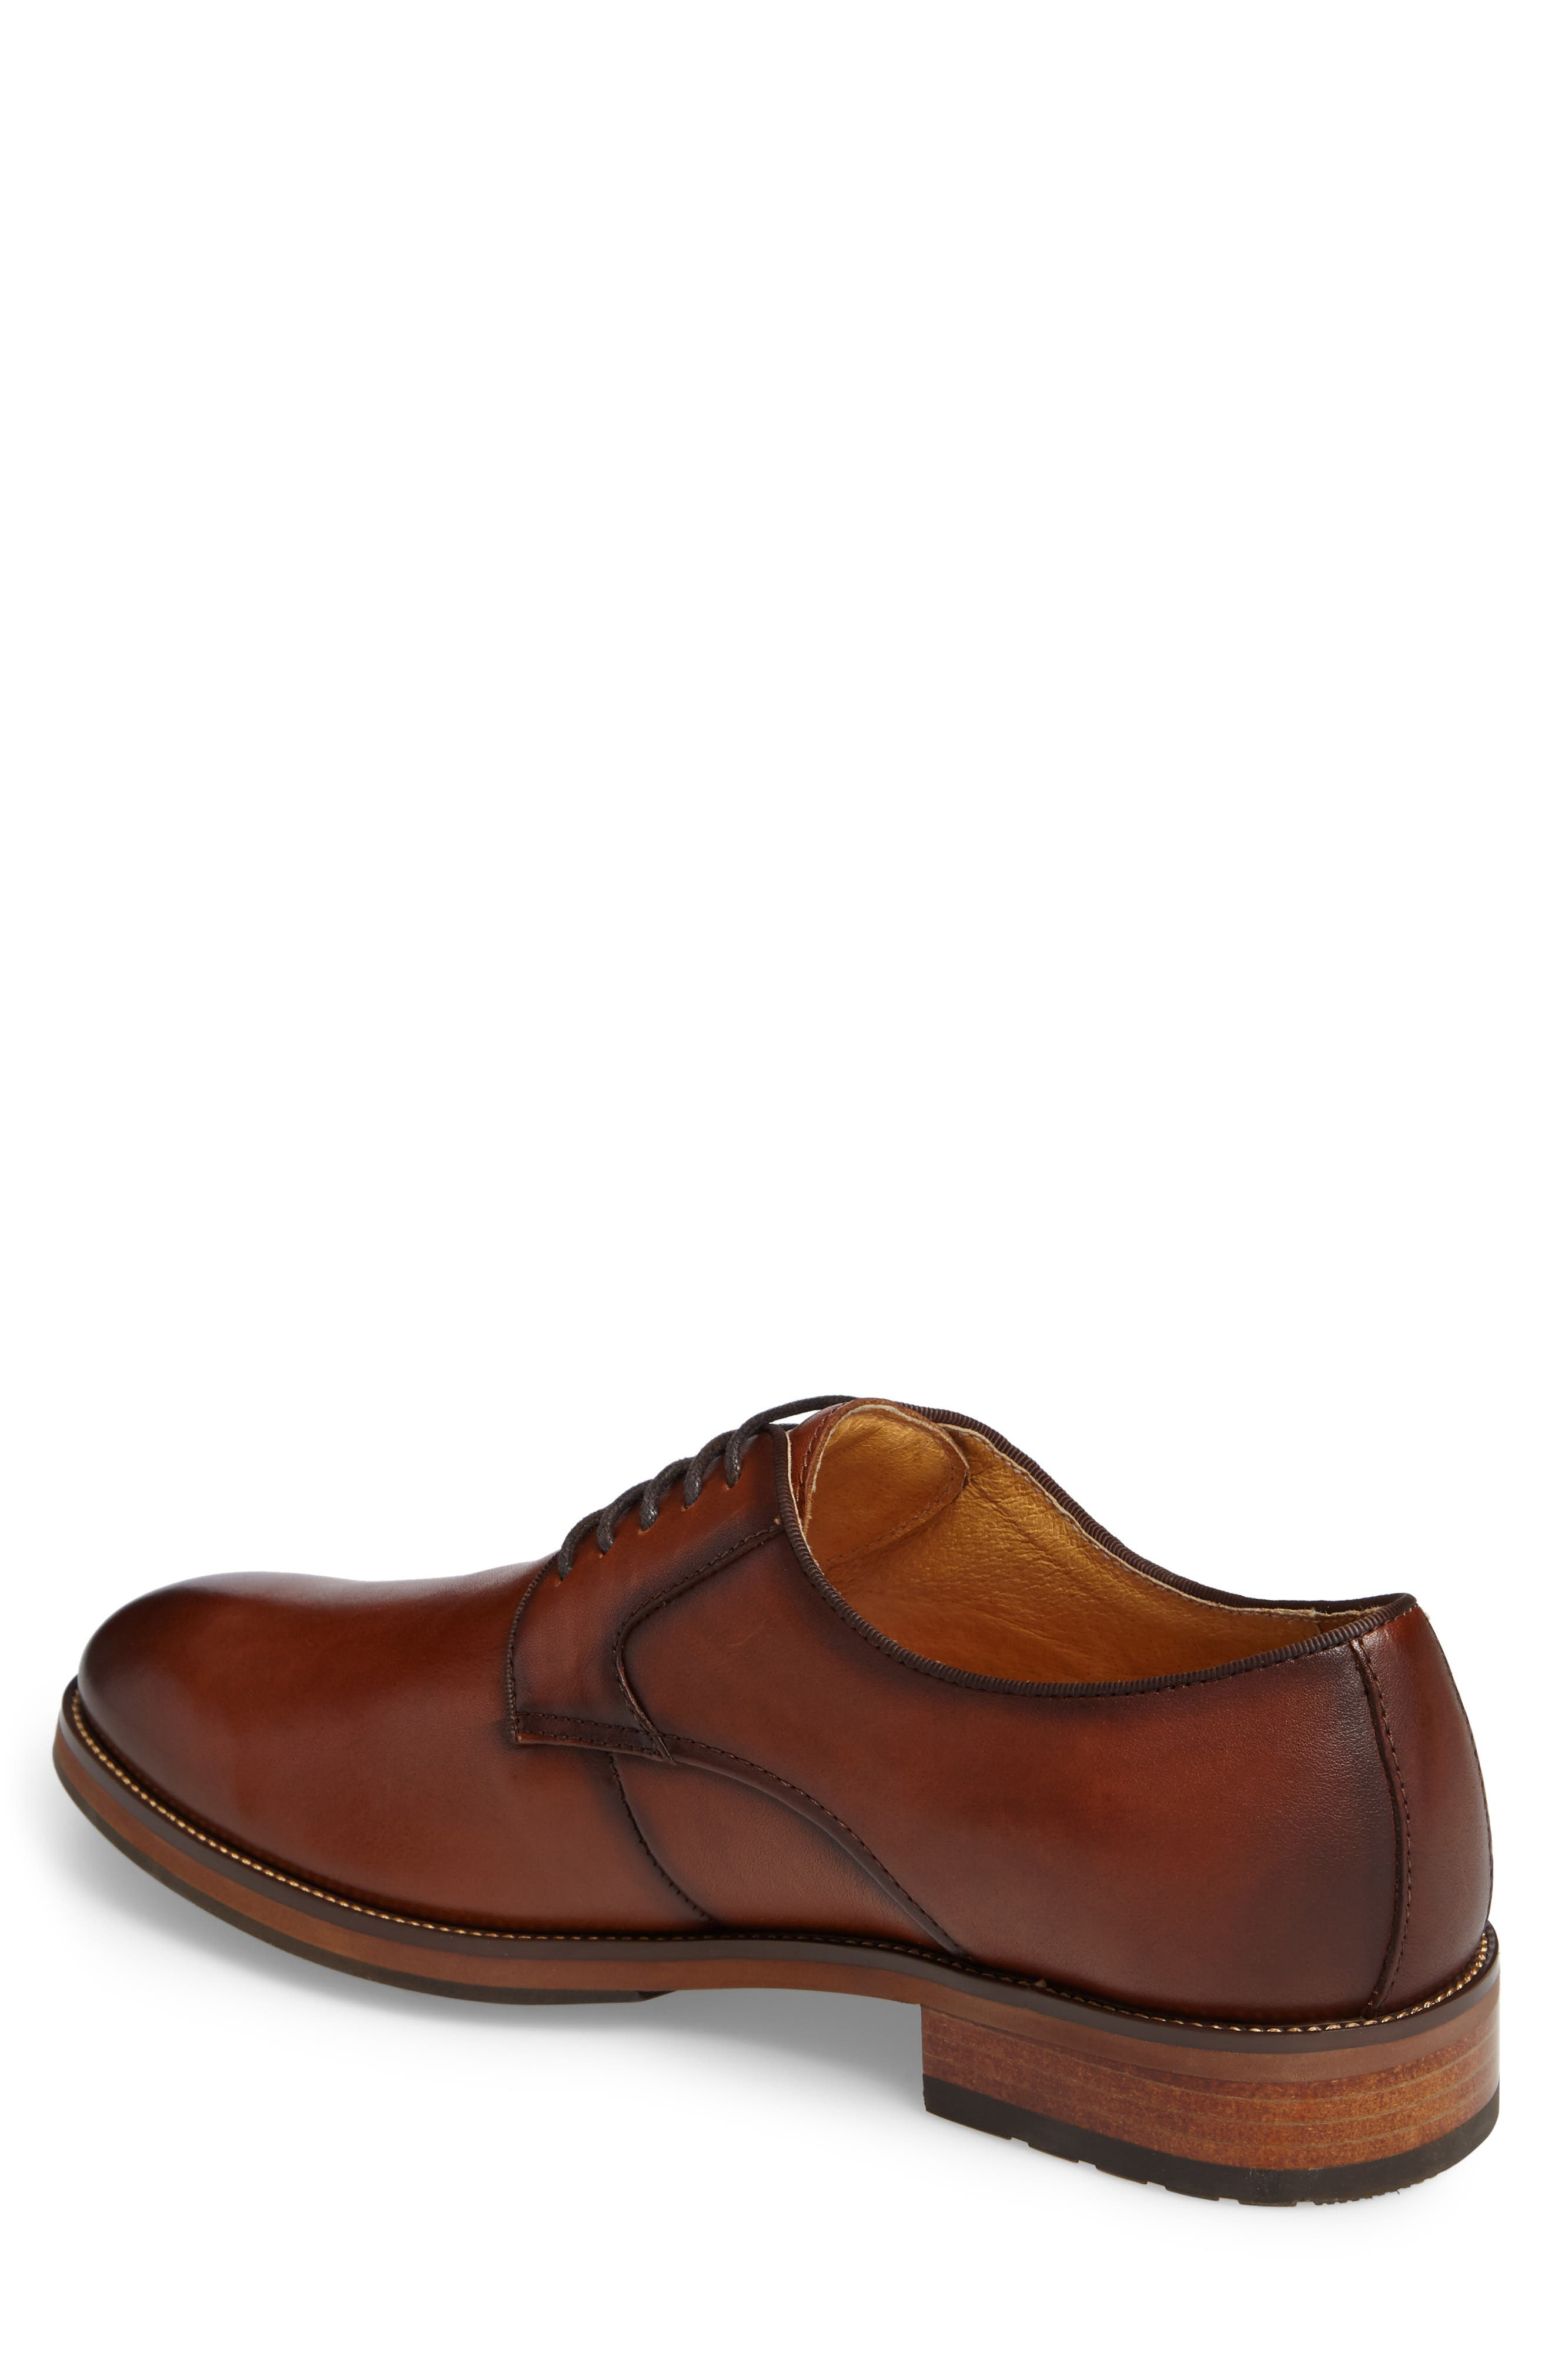 Blaze Plain Toe Derby,                             Alternate thumbnail 2, color,                             Cognac Leather